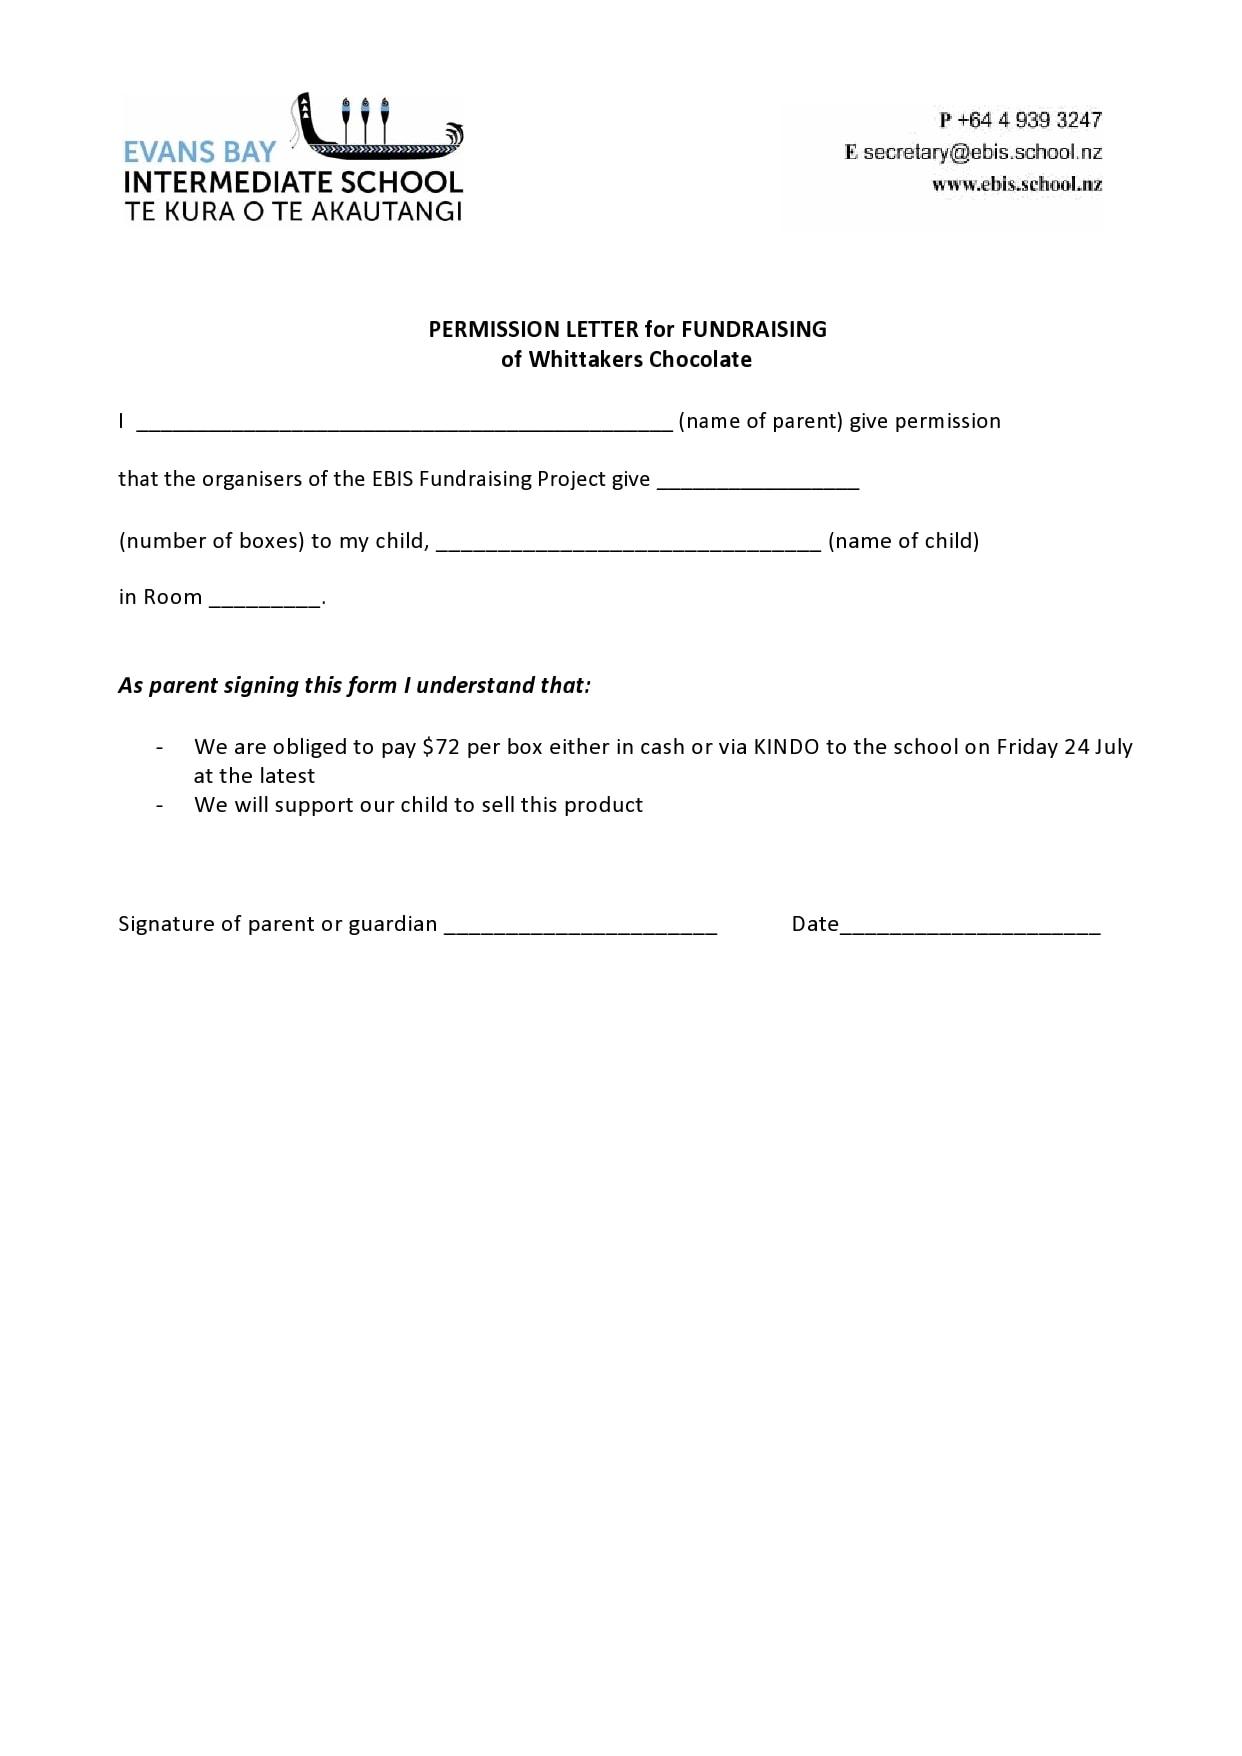 permission letter 08